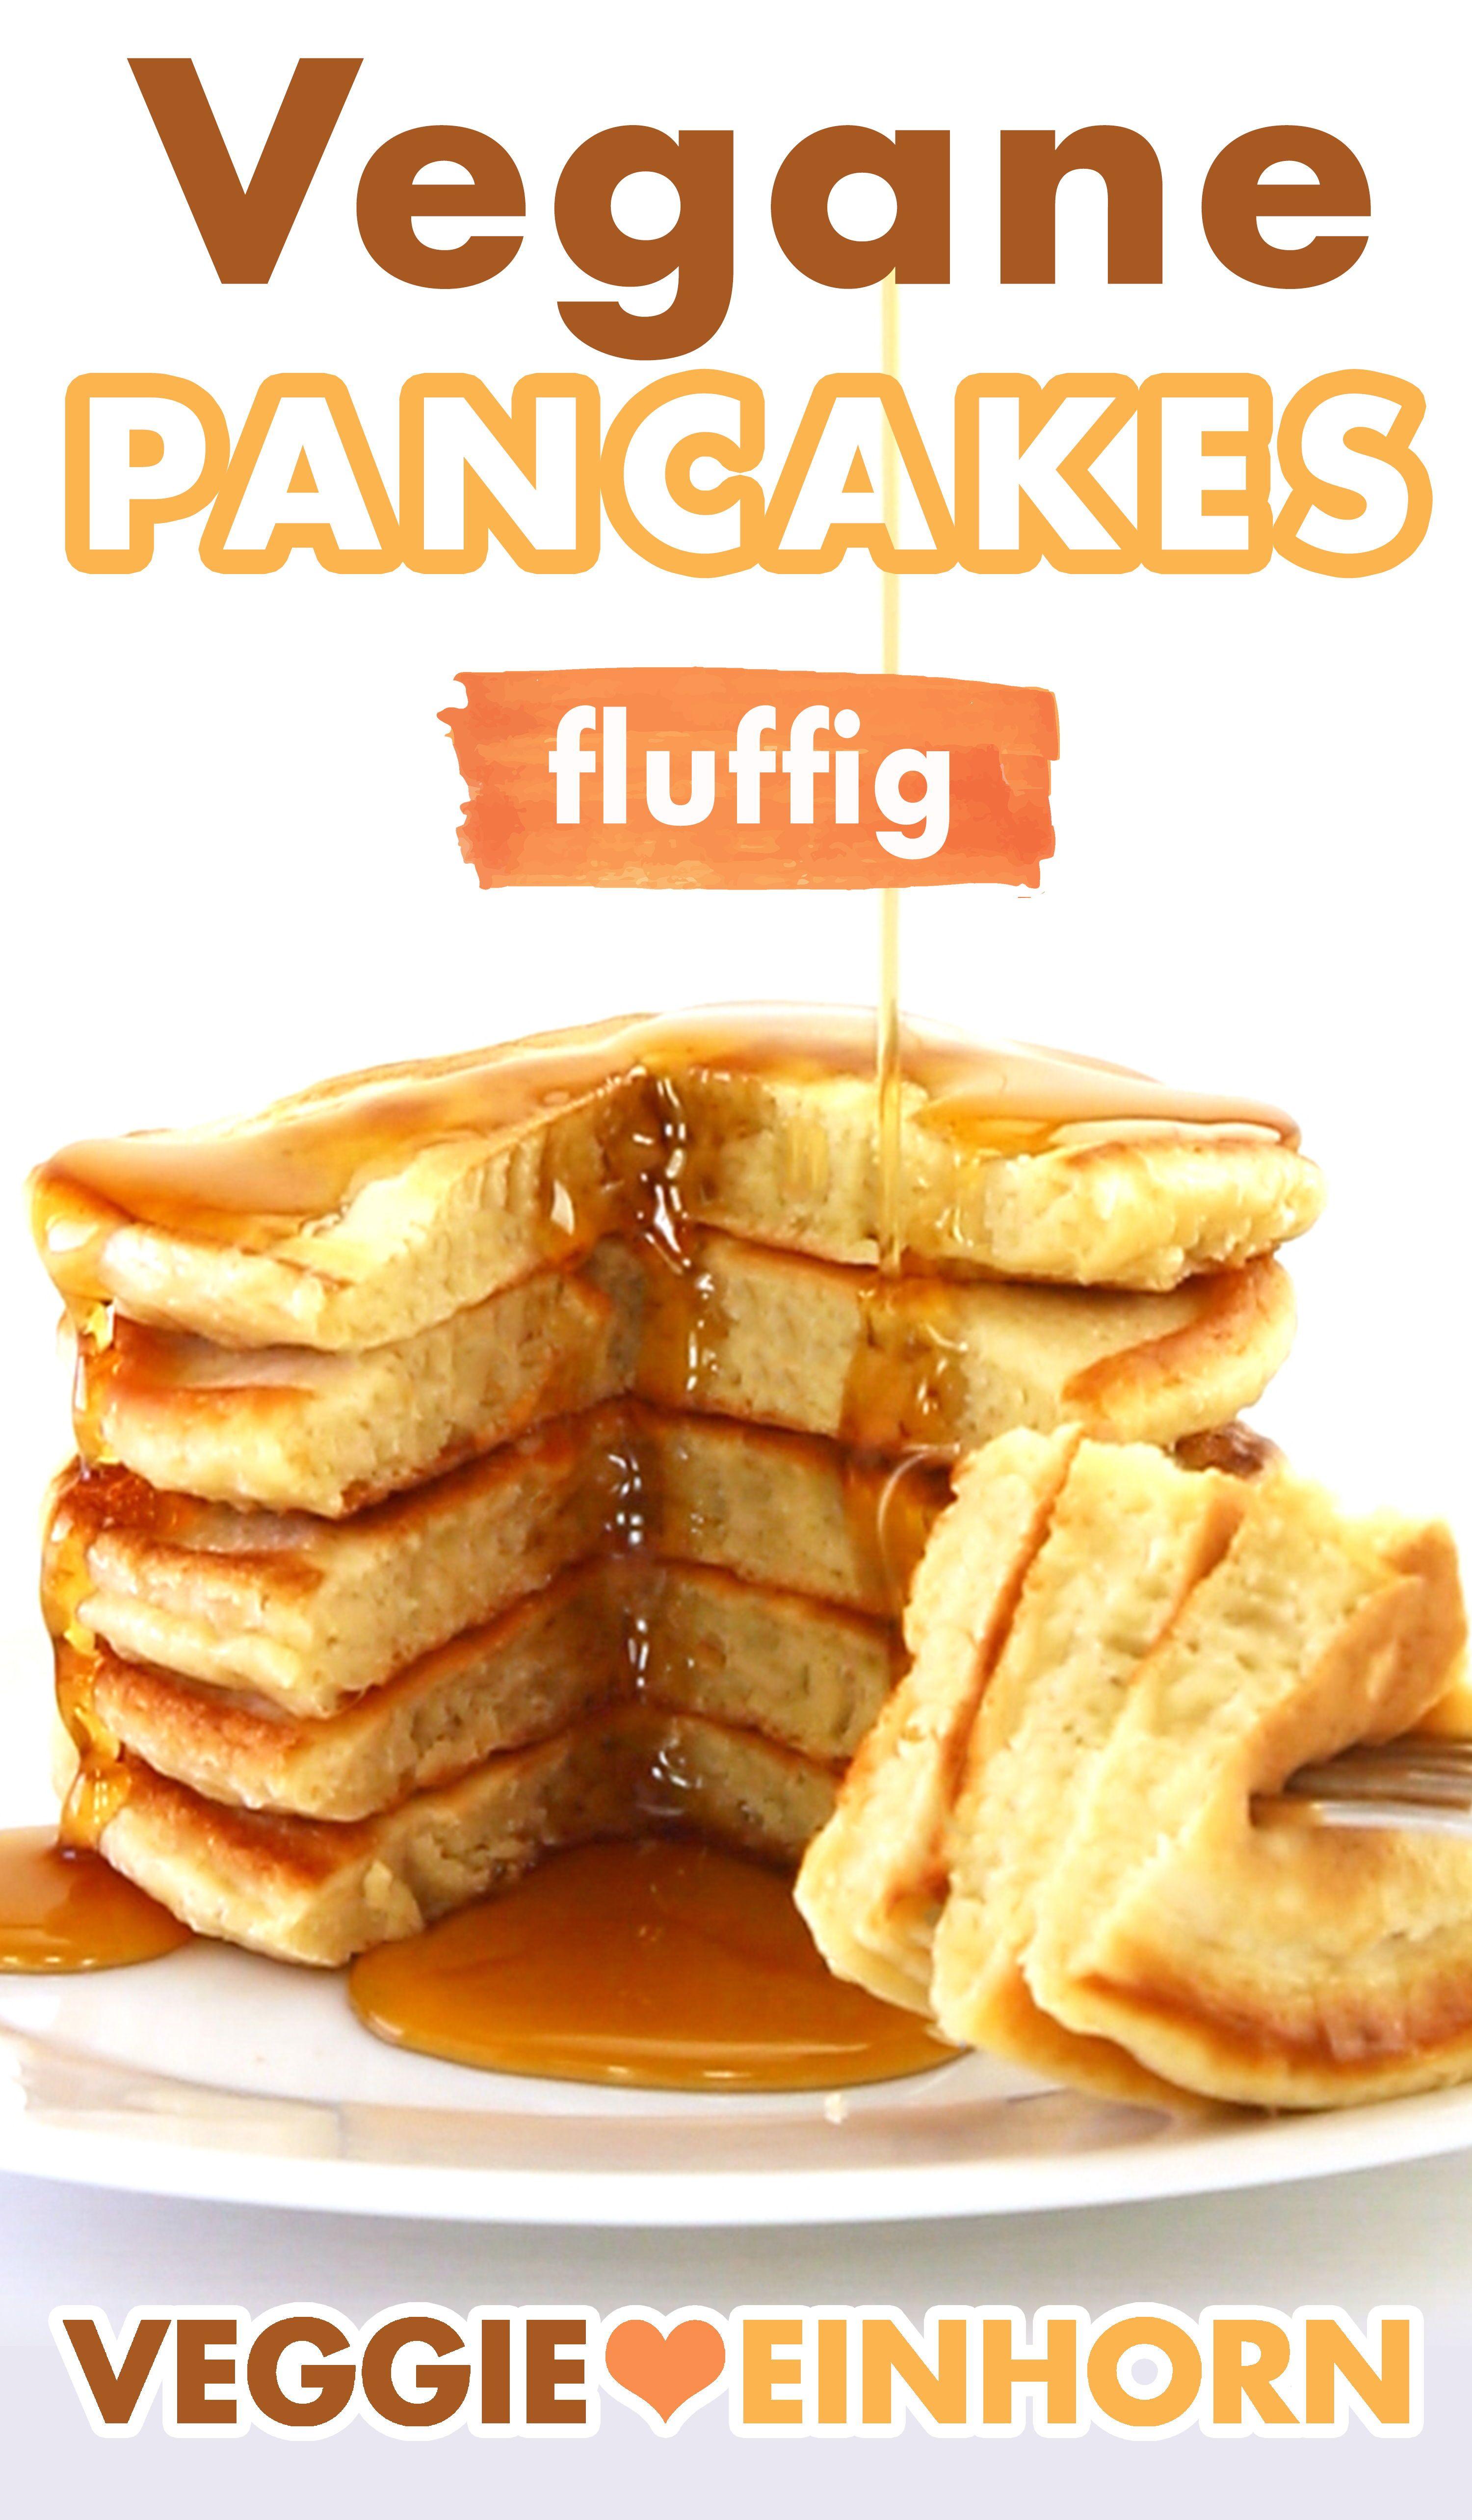 Einfache vegane Pancakes | Fluffige vegane Pfannkuchen ohne Ei | Leckeres veganes Frühstück essen